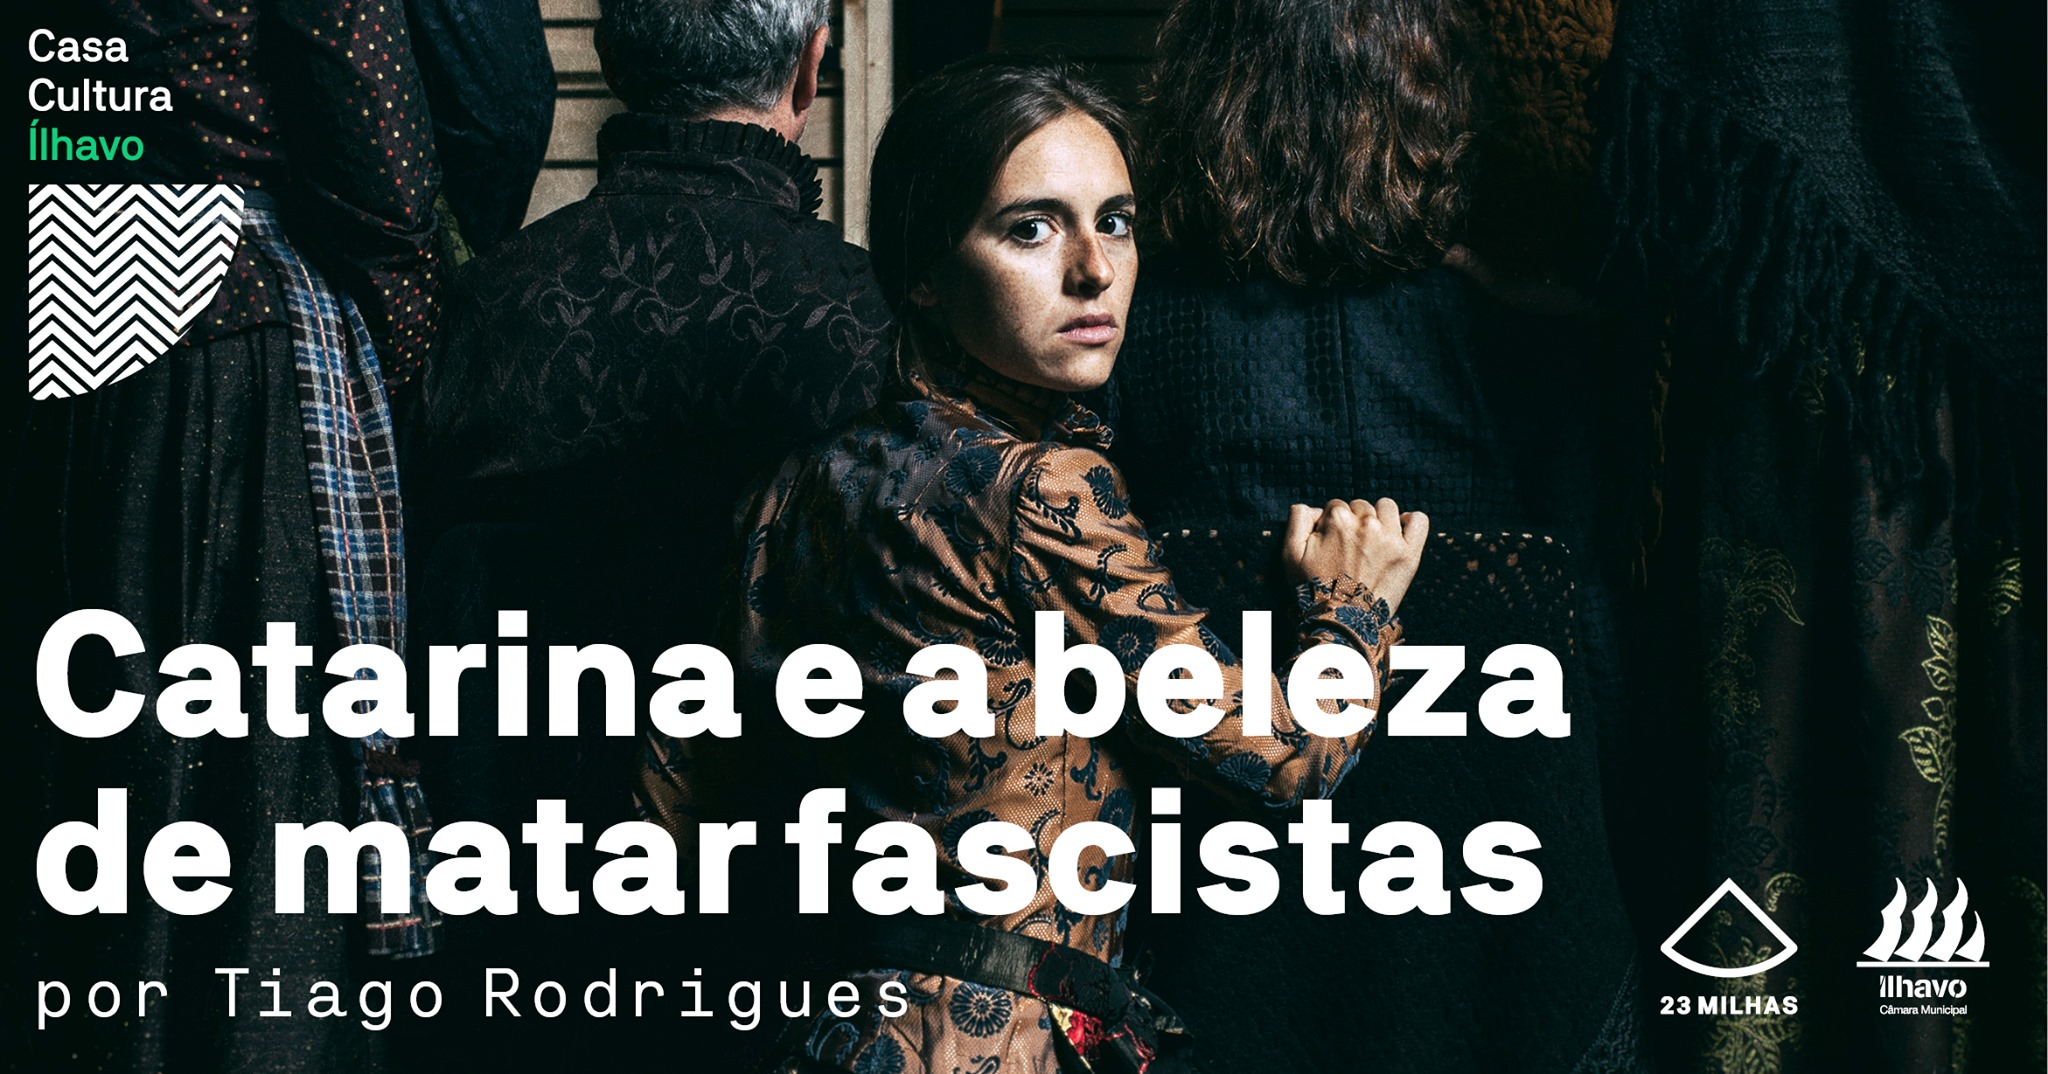 Catarina e a beleza de matar fascistas de Tiago Rodrigues